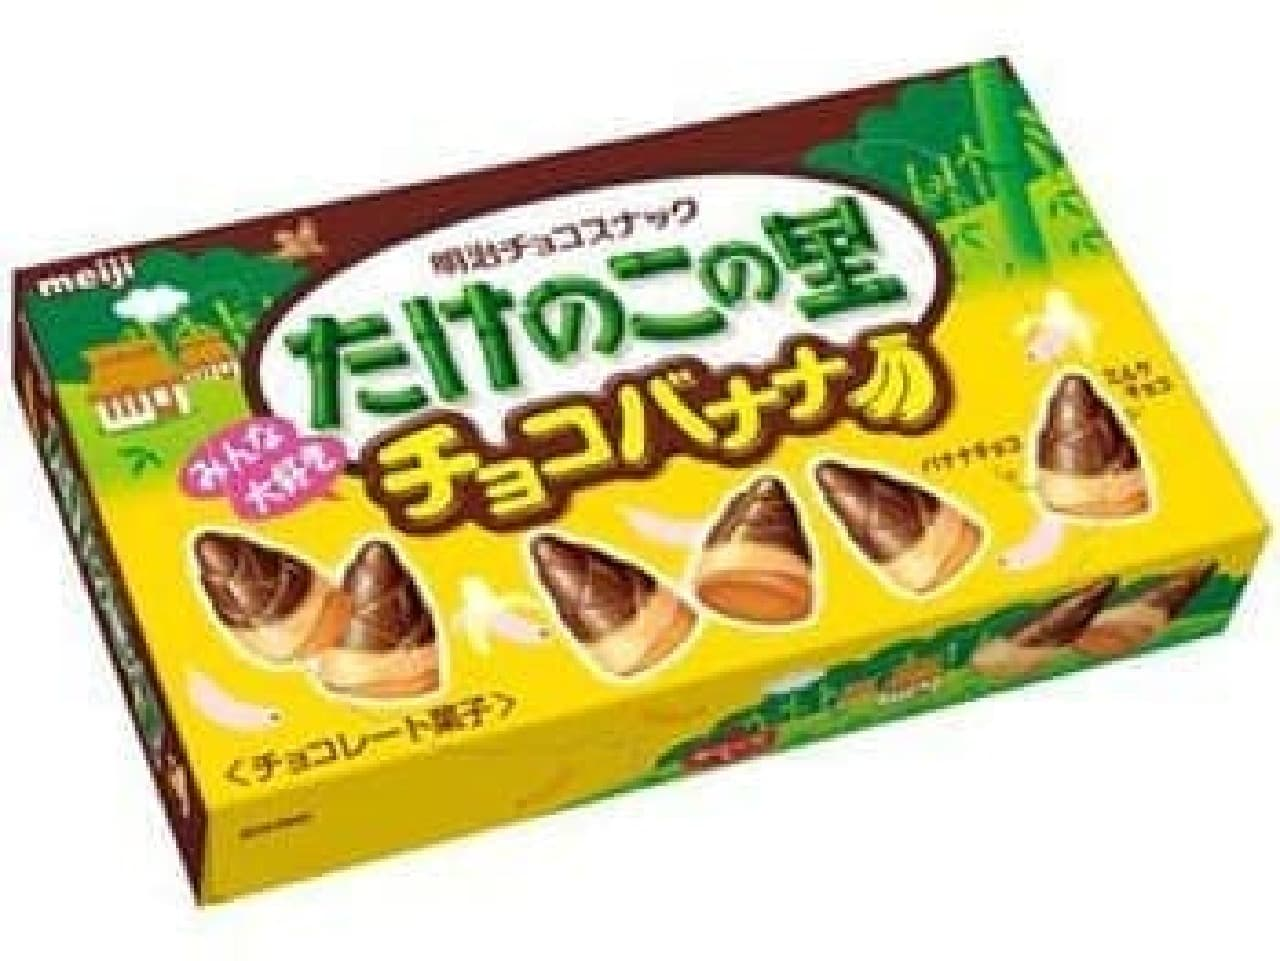 夏限定の「チョコバナナ」味